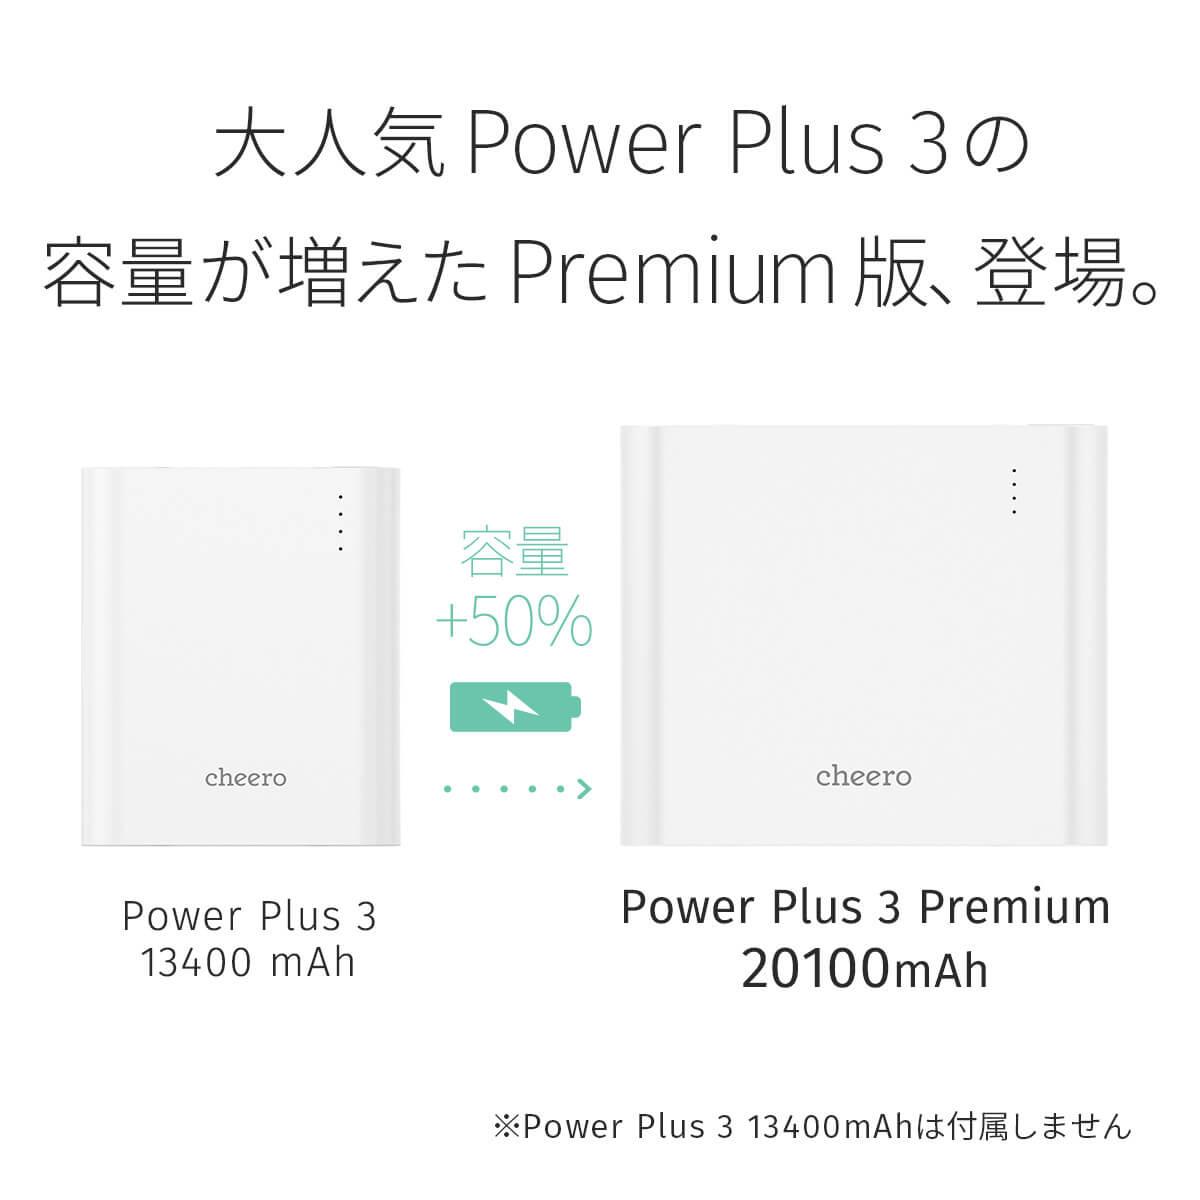 ★대응★cheero Power Plus 3 Premium 20100 mAh 모바일 배터리 신형 Macbook / iPhone 7 / 7 Plus / 6 s / 6 s Plus / iPad / Android / Xperia / Galaxy /타블렛/게임기/ Wi-Fi라우터등 급속 충전 대응 3 포토